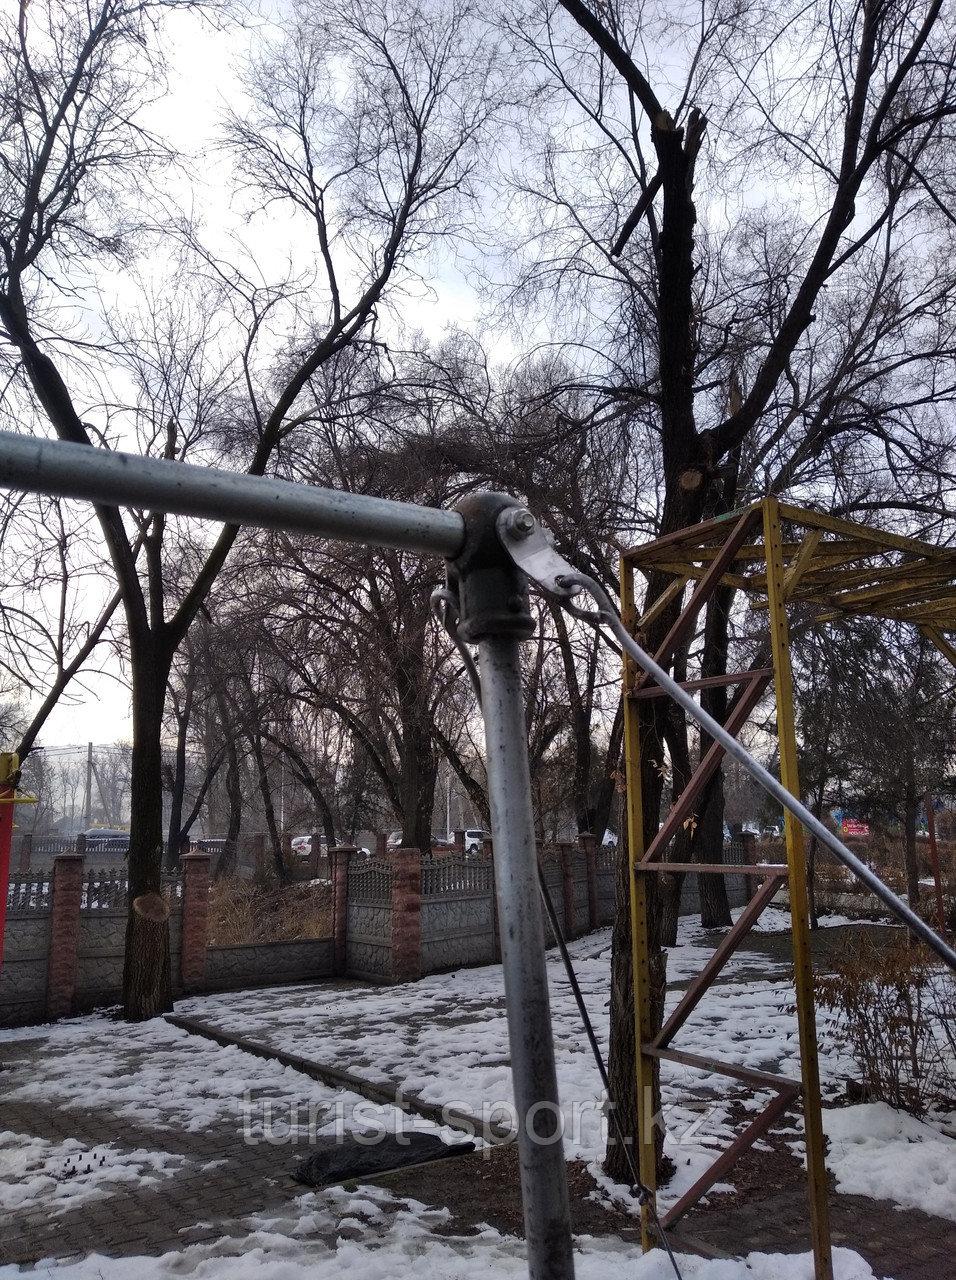 Турник на растяжках перекладина гимнастическая Алматы оптом и розница!